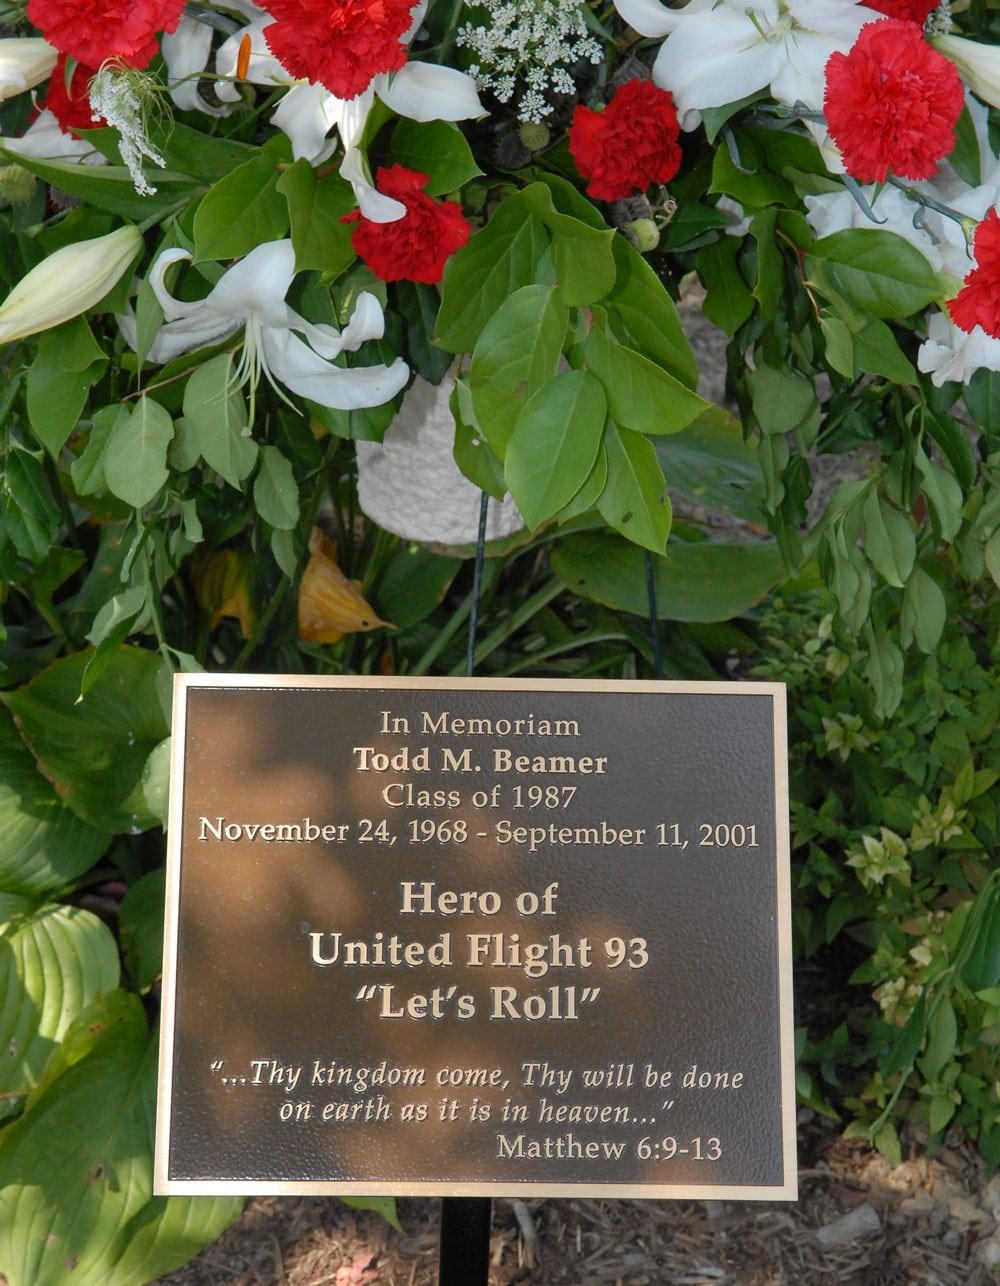 Todd Beamer Plaque in Memorial Garden